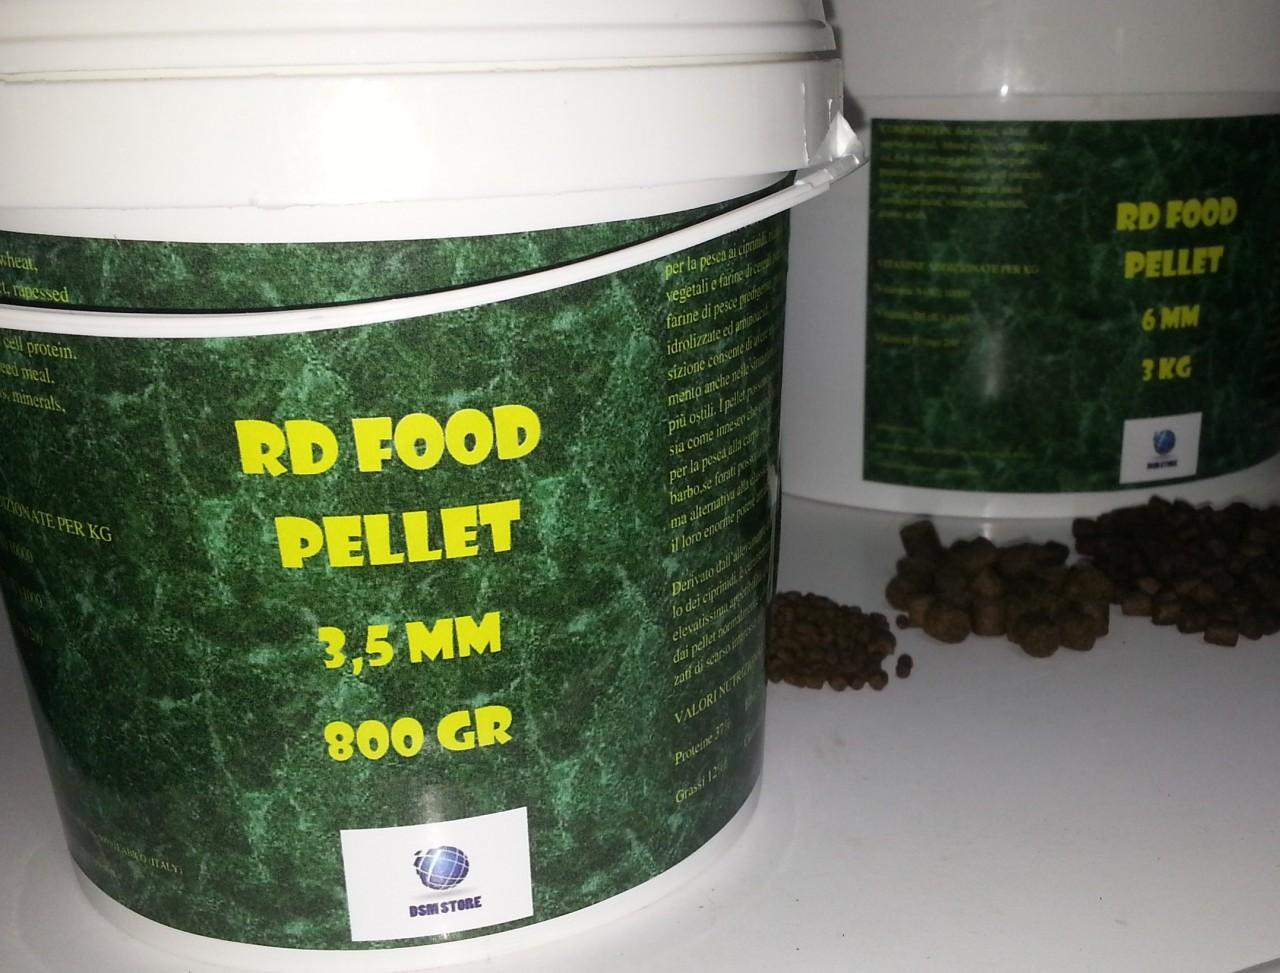 RD Food Pellet carpfishing e feeder